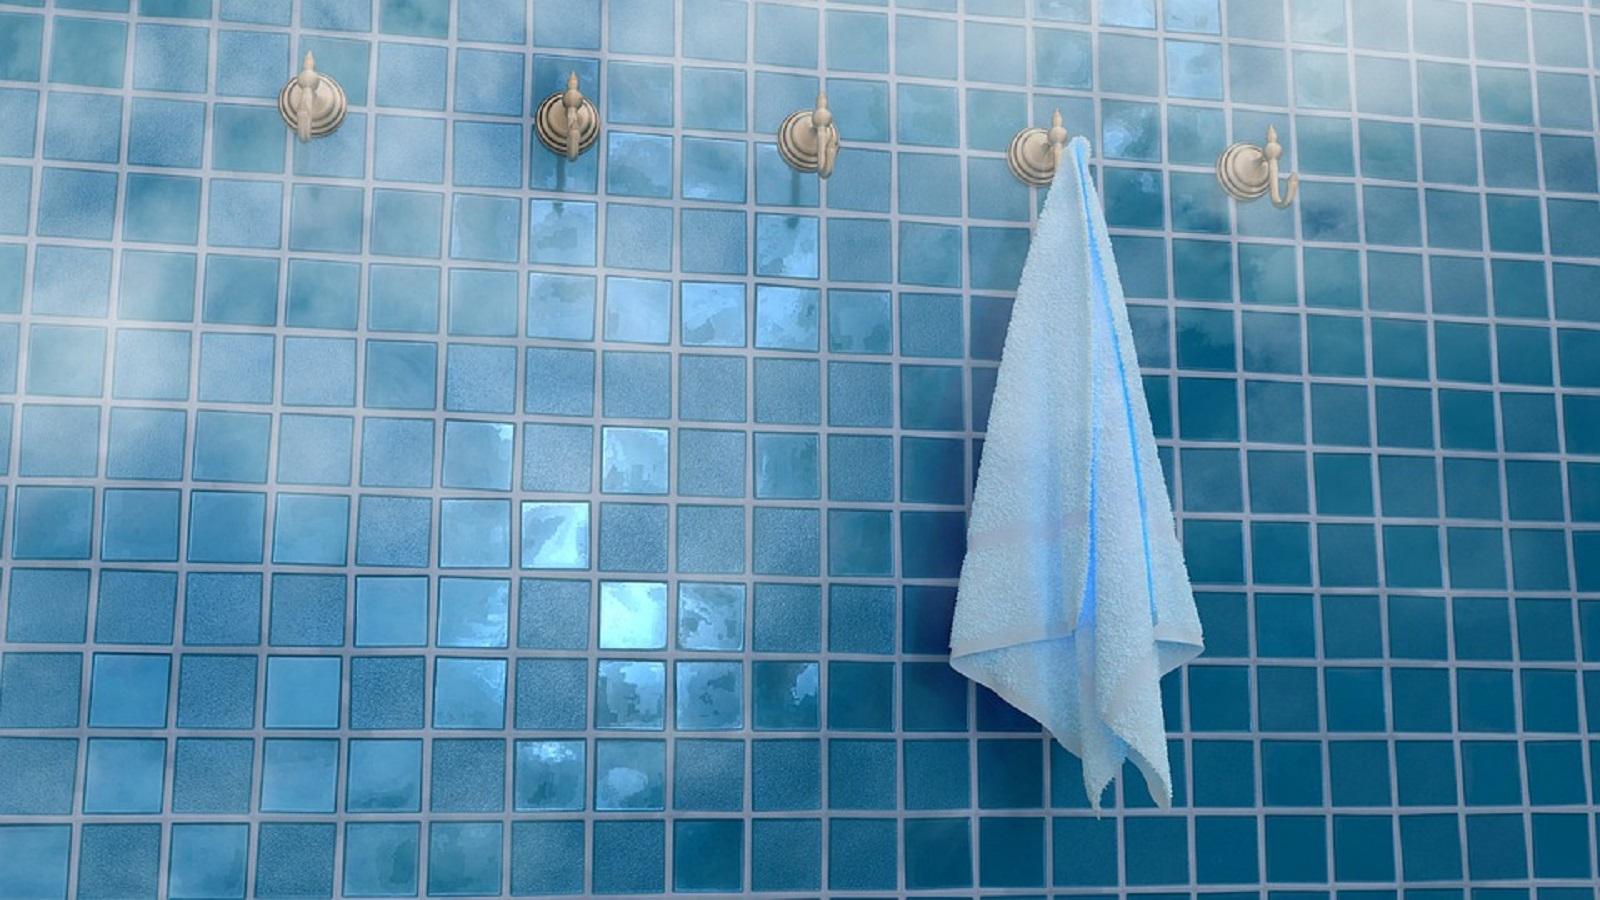 מזעזע: מעשי סדום בוצעו בשני ילדים בני 8 בבריכת גלי השרון